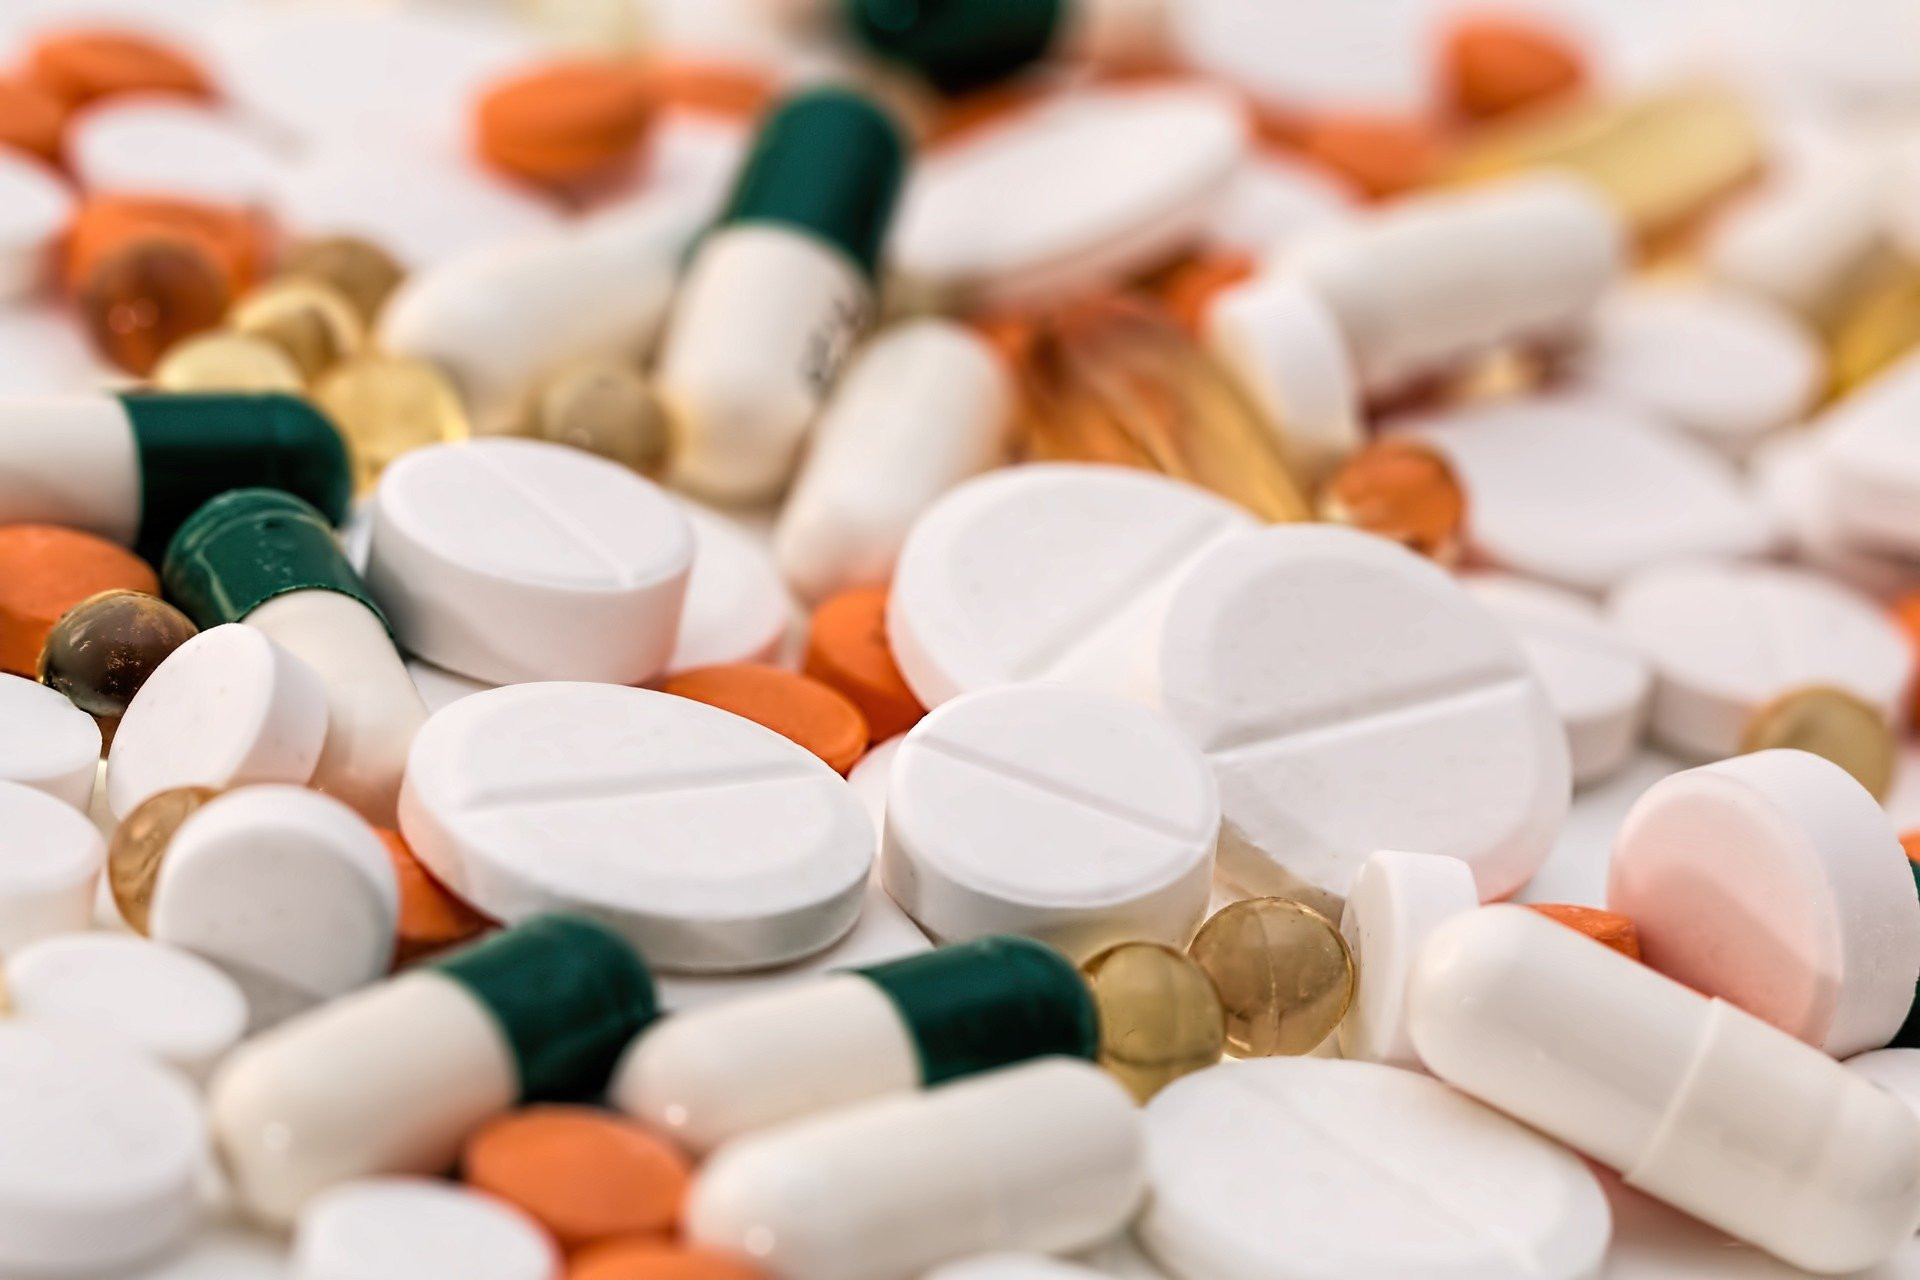 3 Bahaya Fatal Terlalu Sering Konsumsi Obat Tidur - JPNN.com